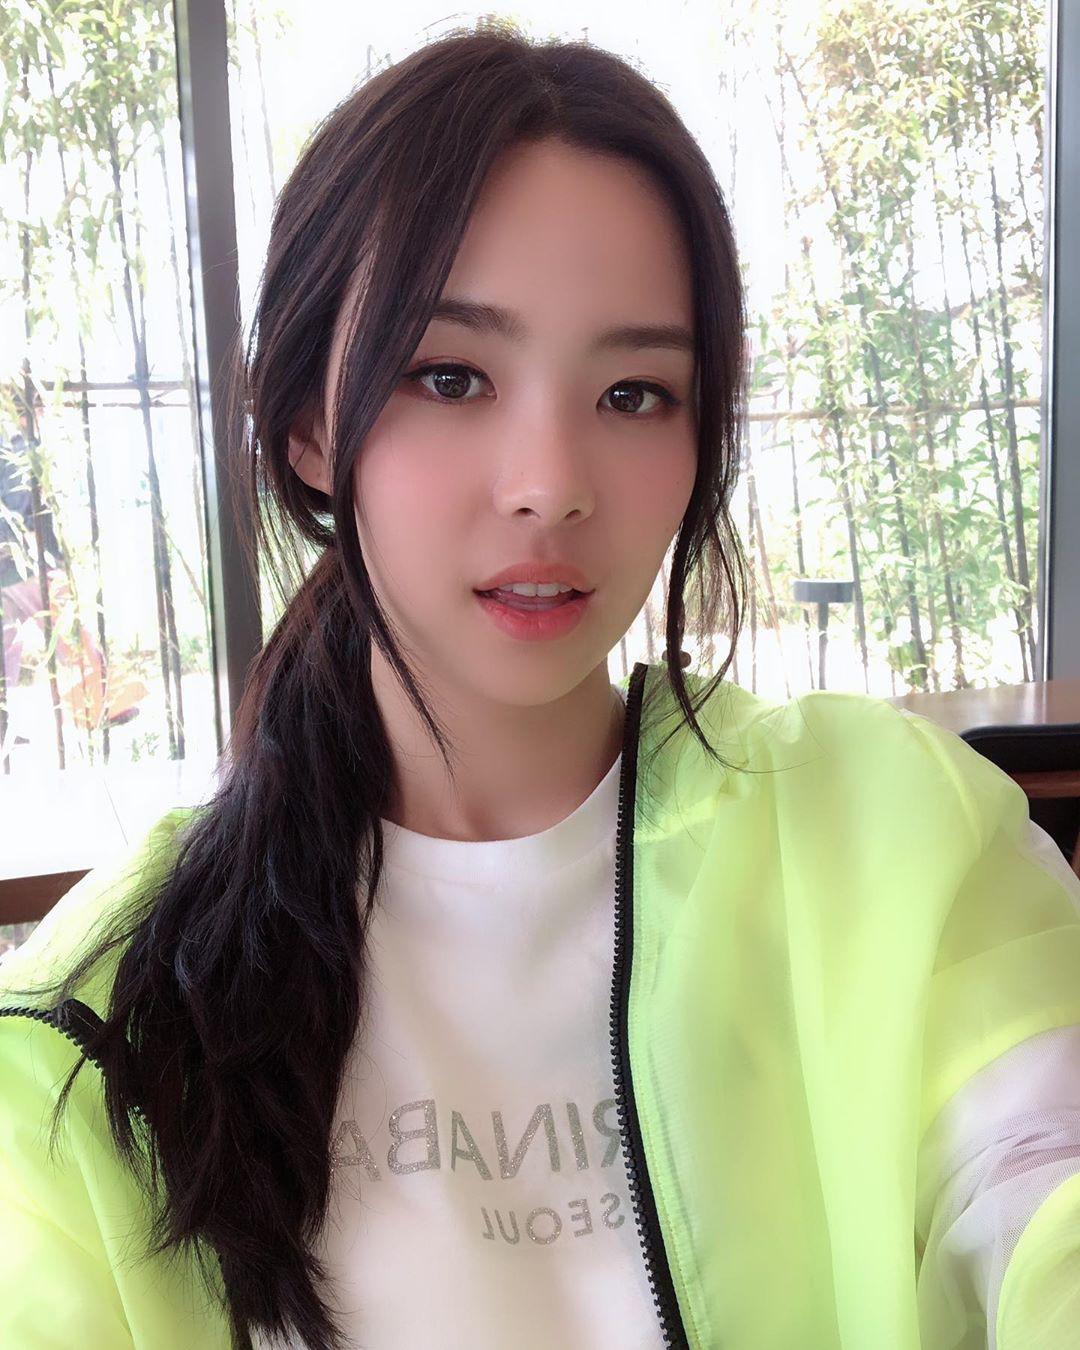 Tân Hoa hậu Hàn Quốc 2019: makeup càng nhạt lại càng xinh, nổi bật nhất là khi lên đồ đơn giản - Ảnh 4.